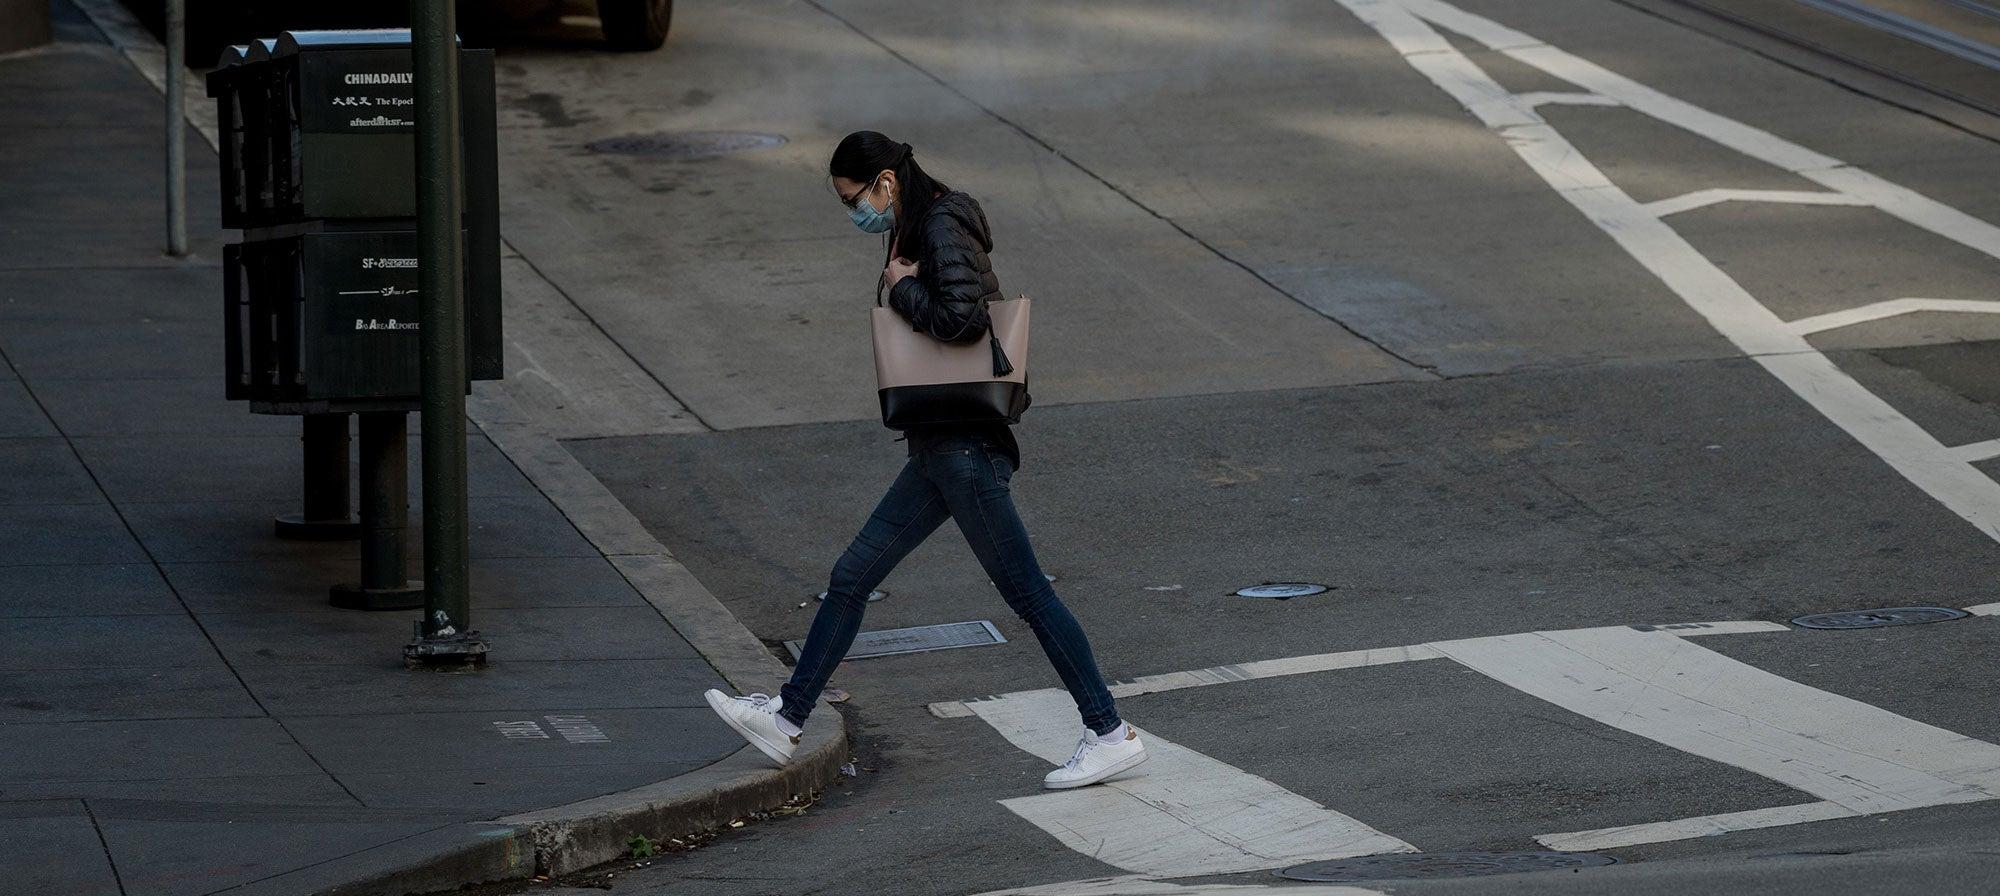 Masked pedestrian